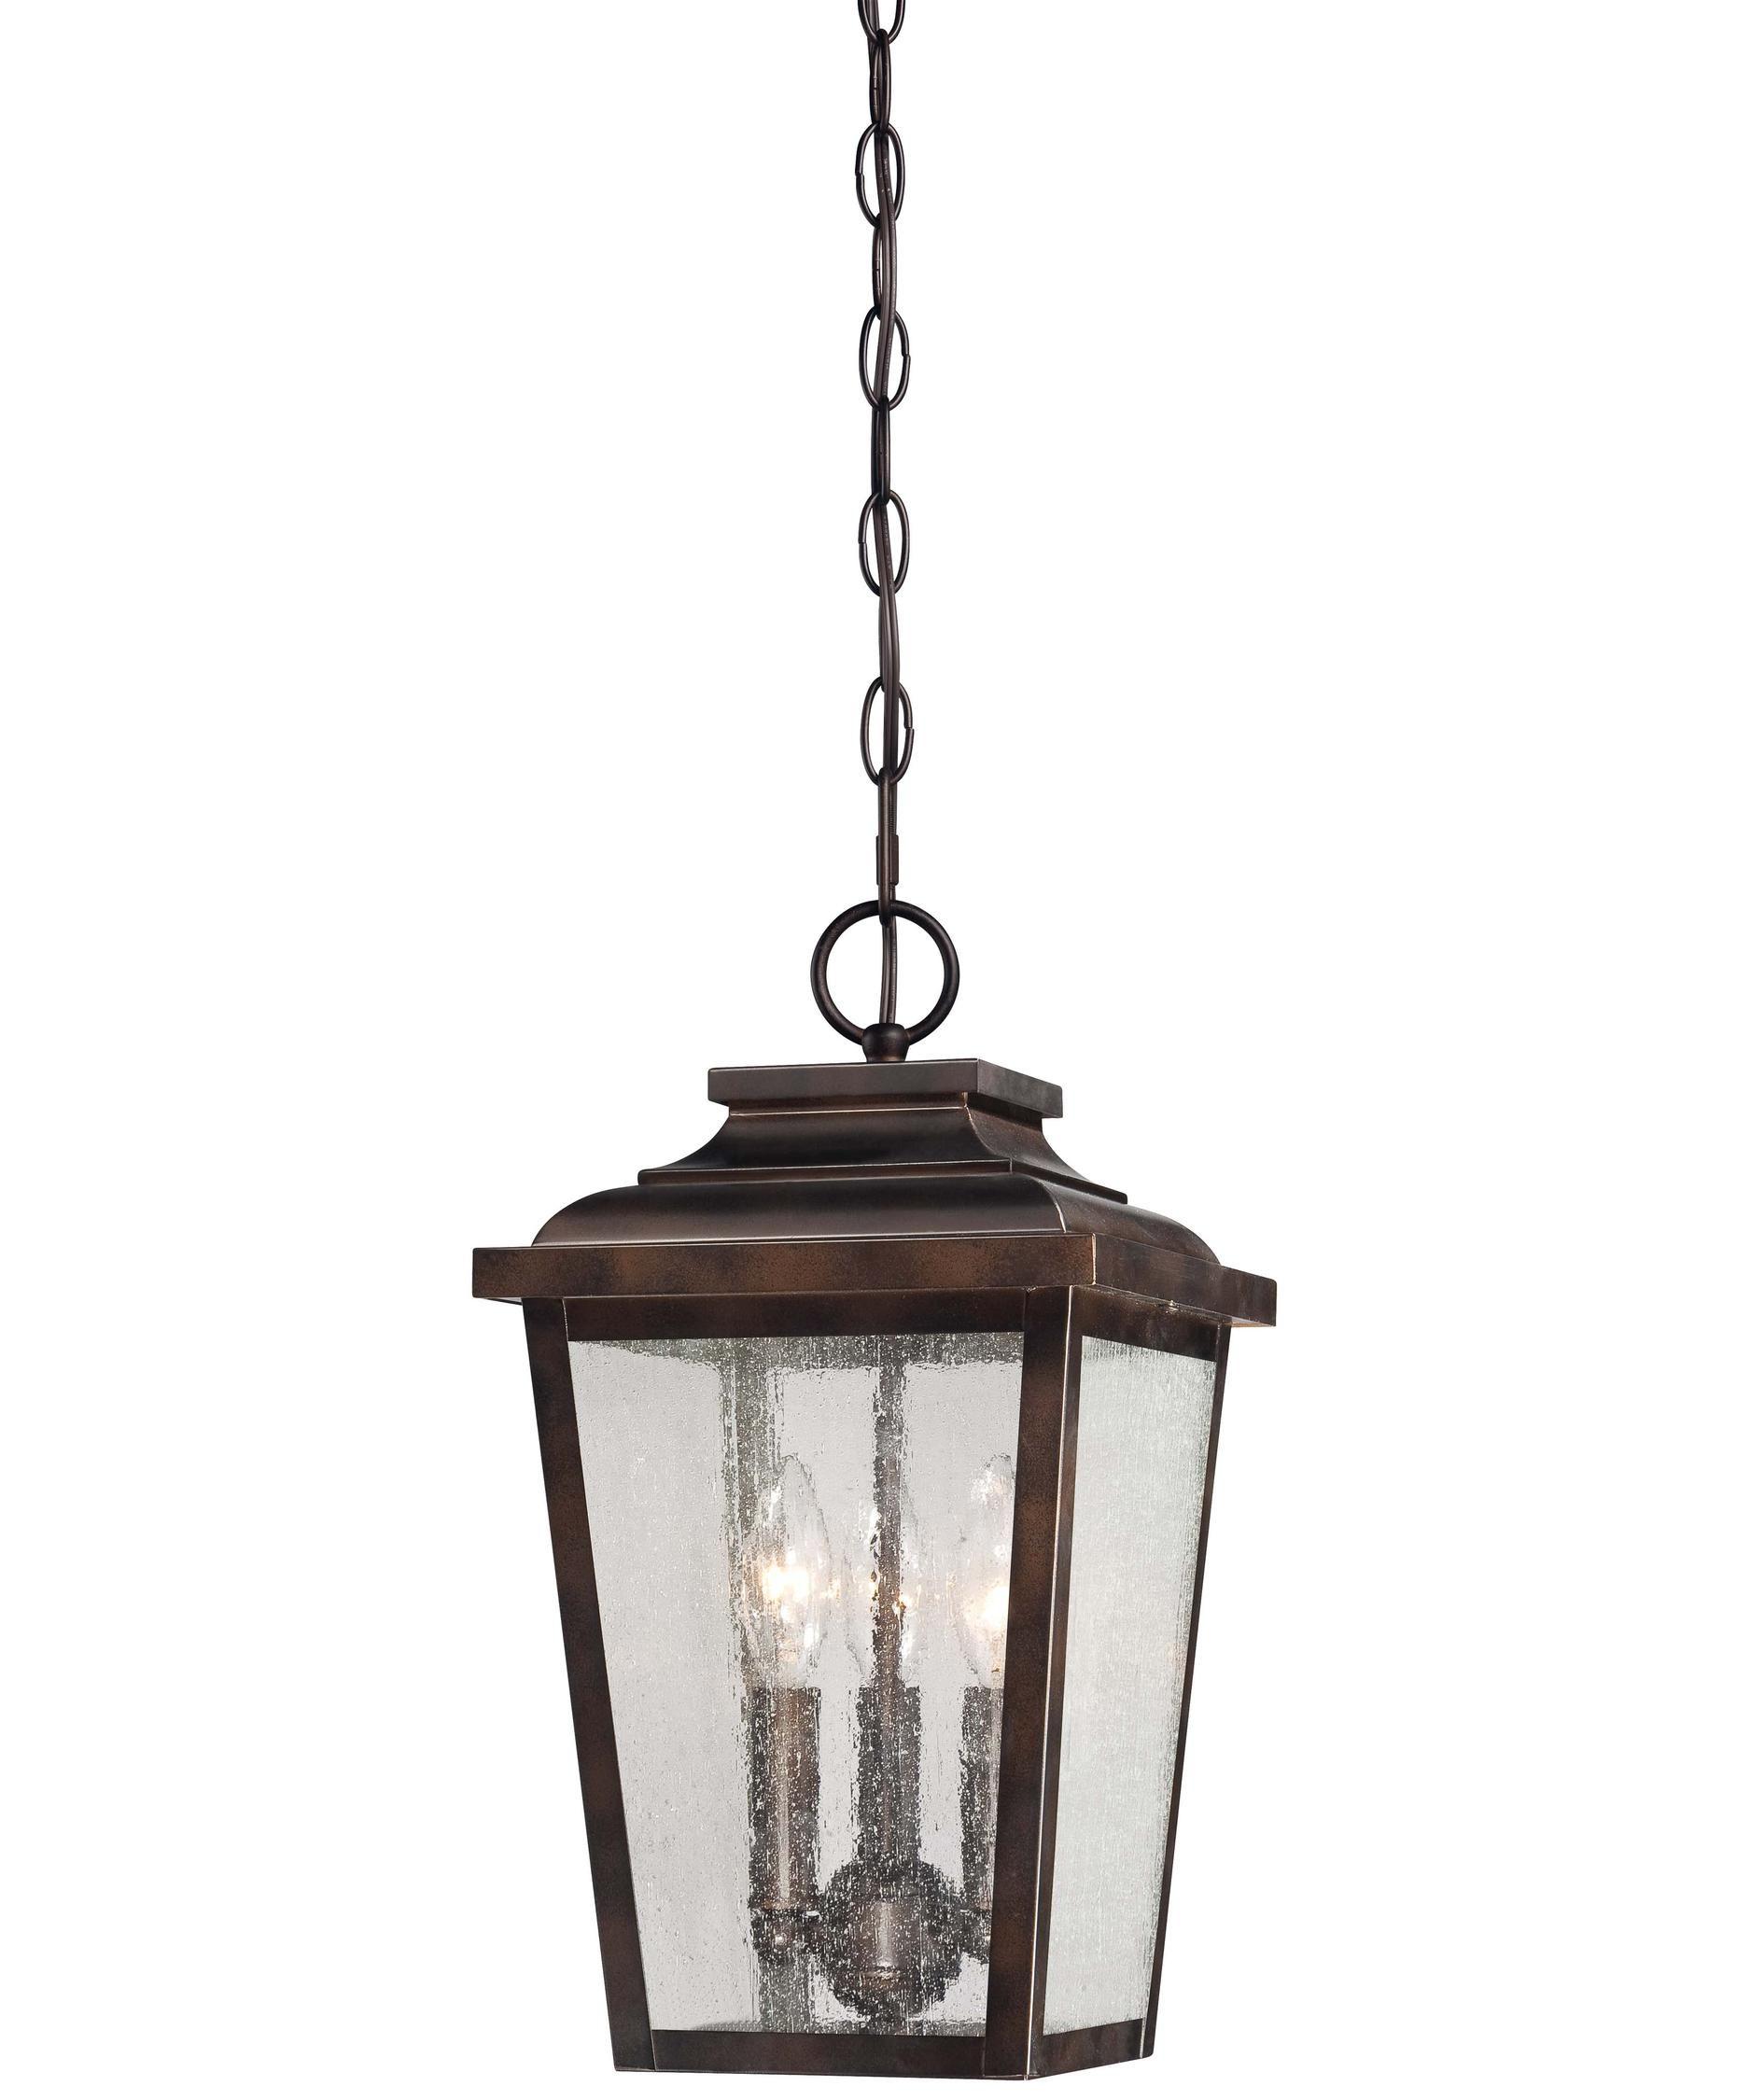 outdoor hanging pendant lights